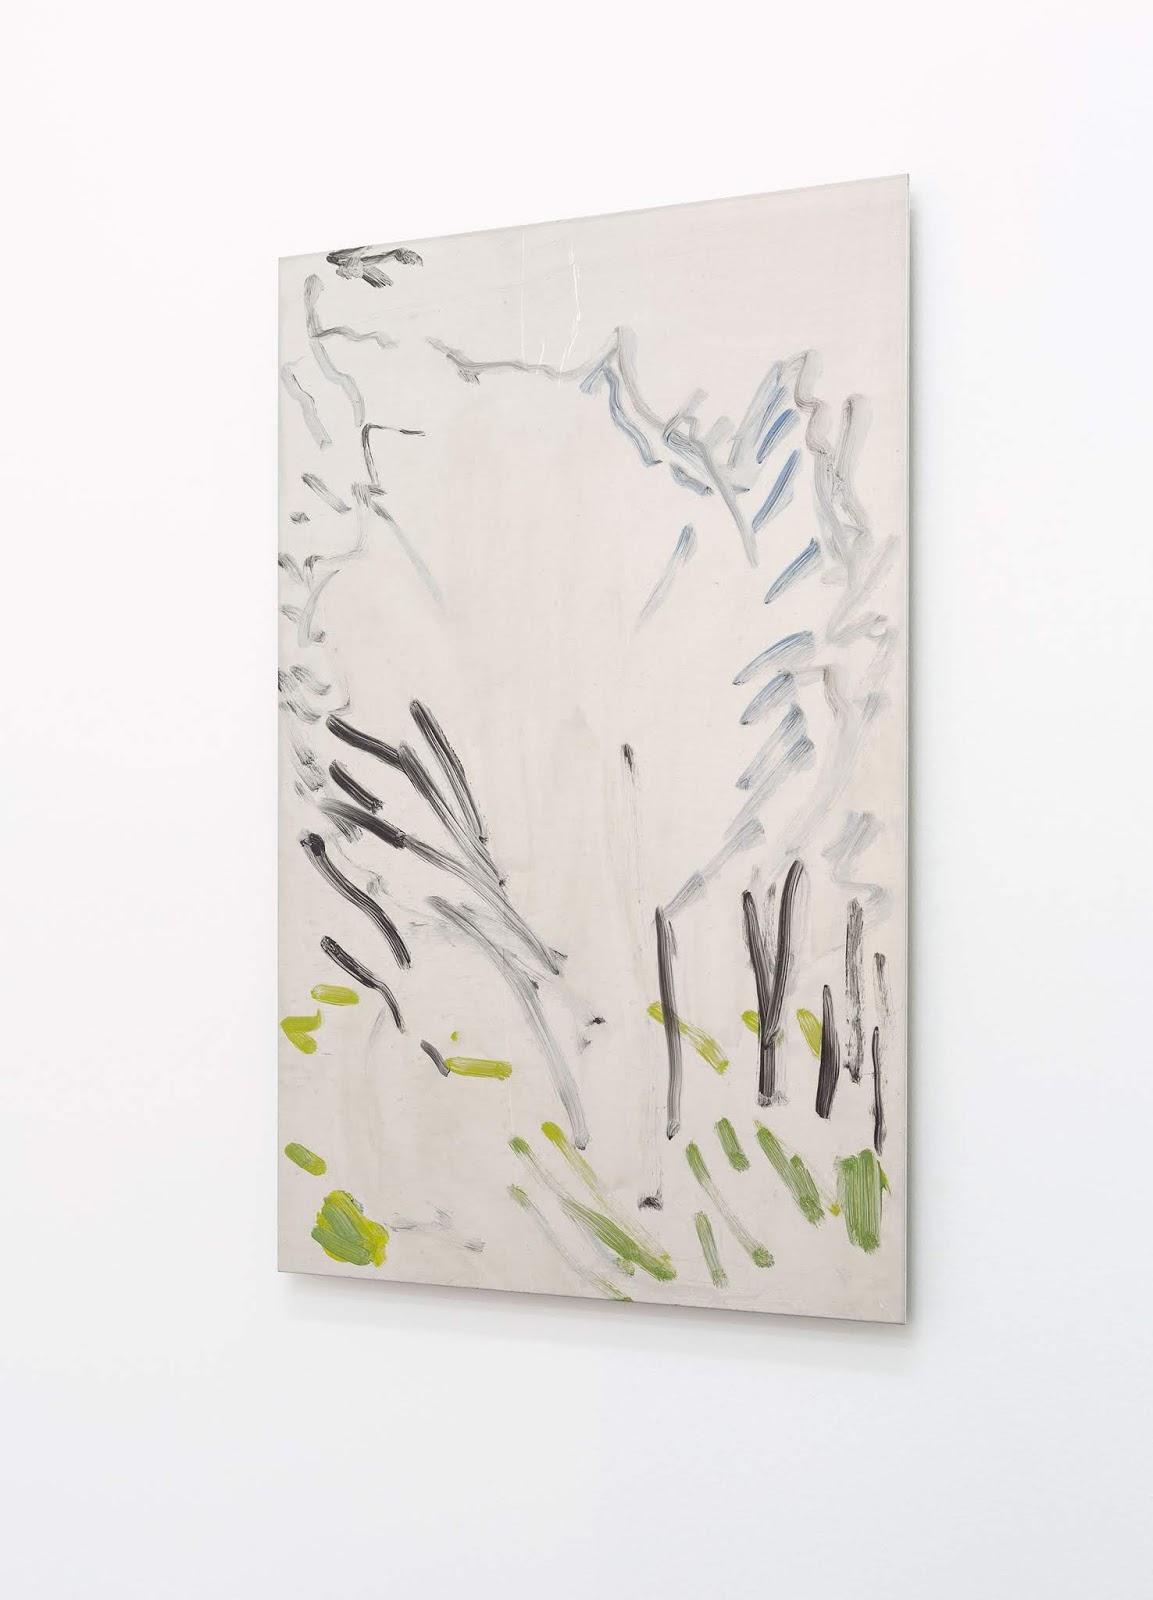 Untitled (Pines) , 2017, oil on aluminium, 40 x 60cm. Photo by C. Capurro